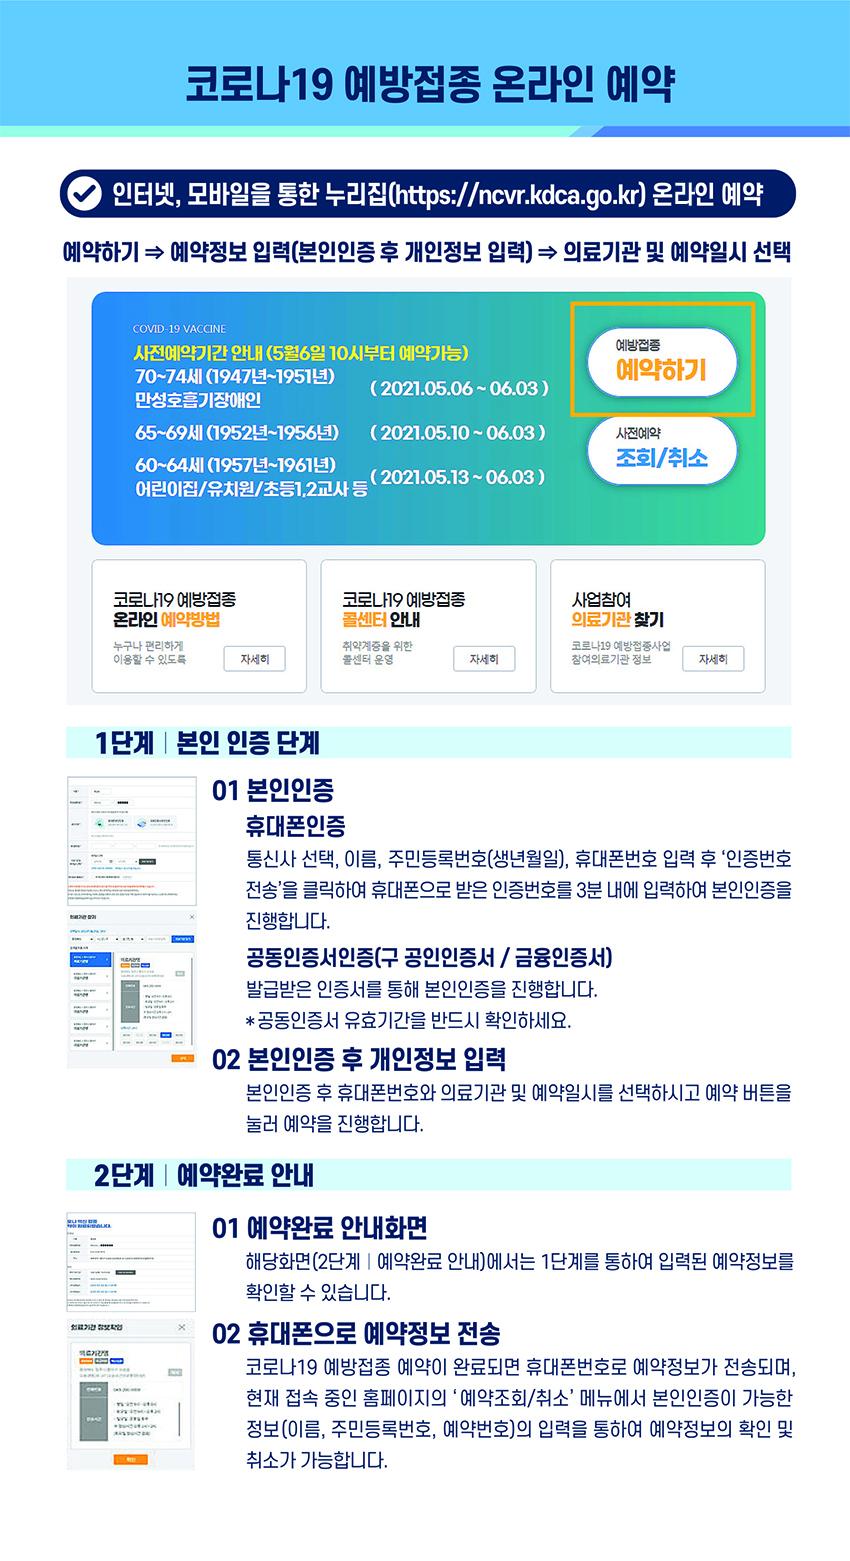 코로나19 예방접종 온라인 예약